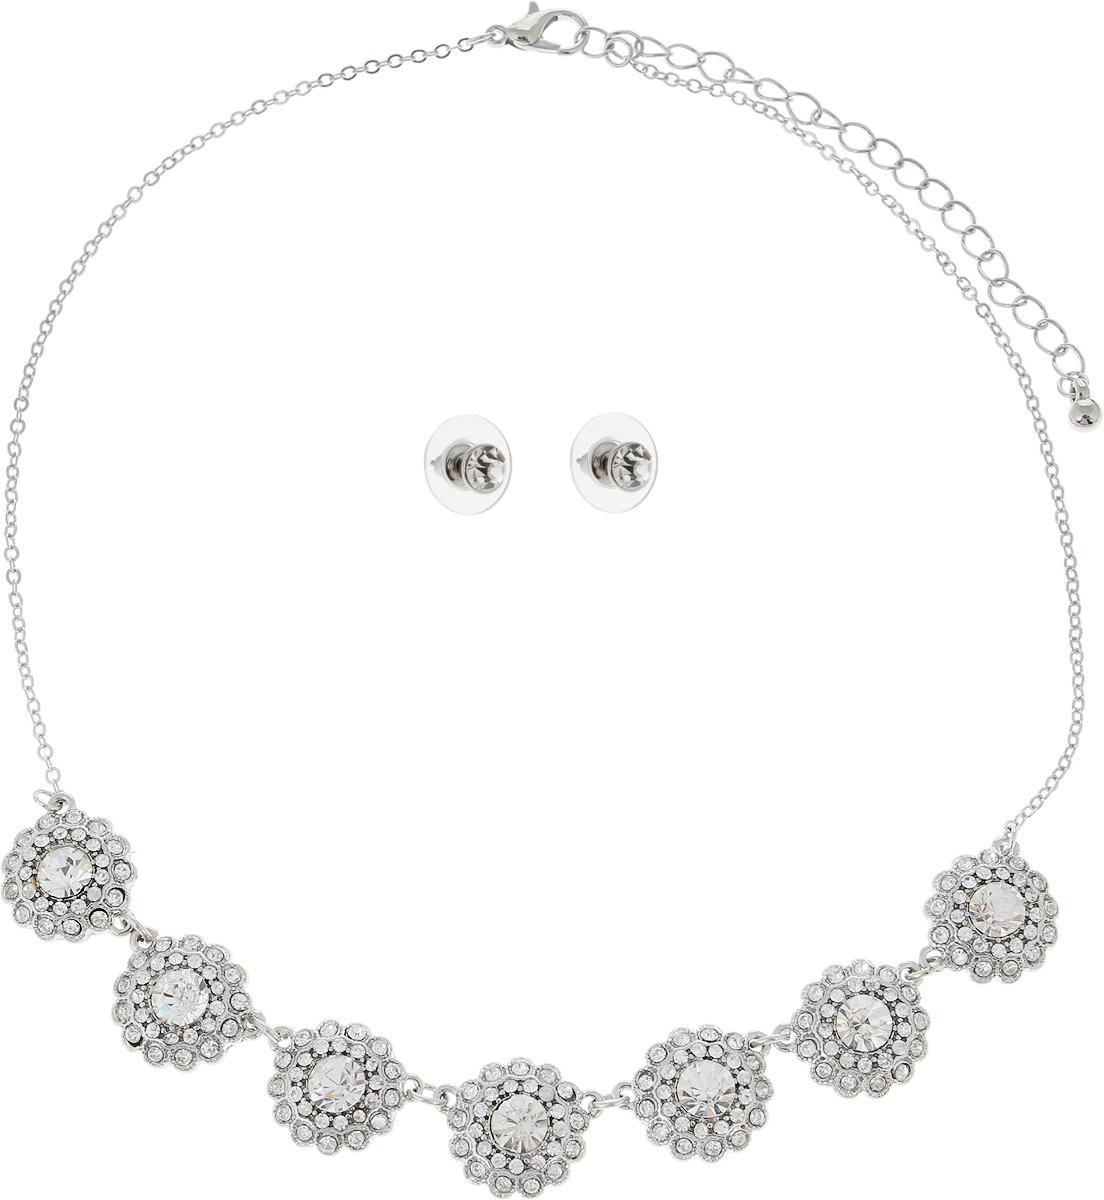 цена на Набор бижутерии женский Taya, цвет: серебристый. T-B-6331-SET-SILVER